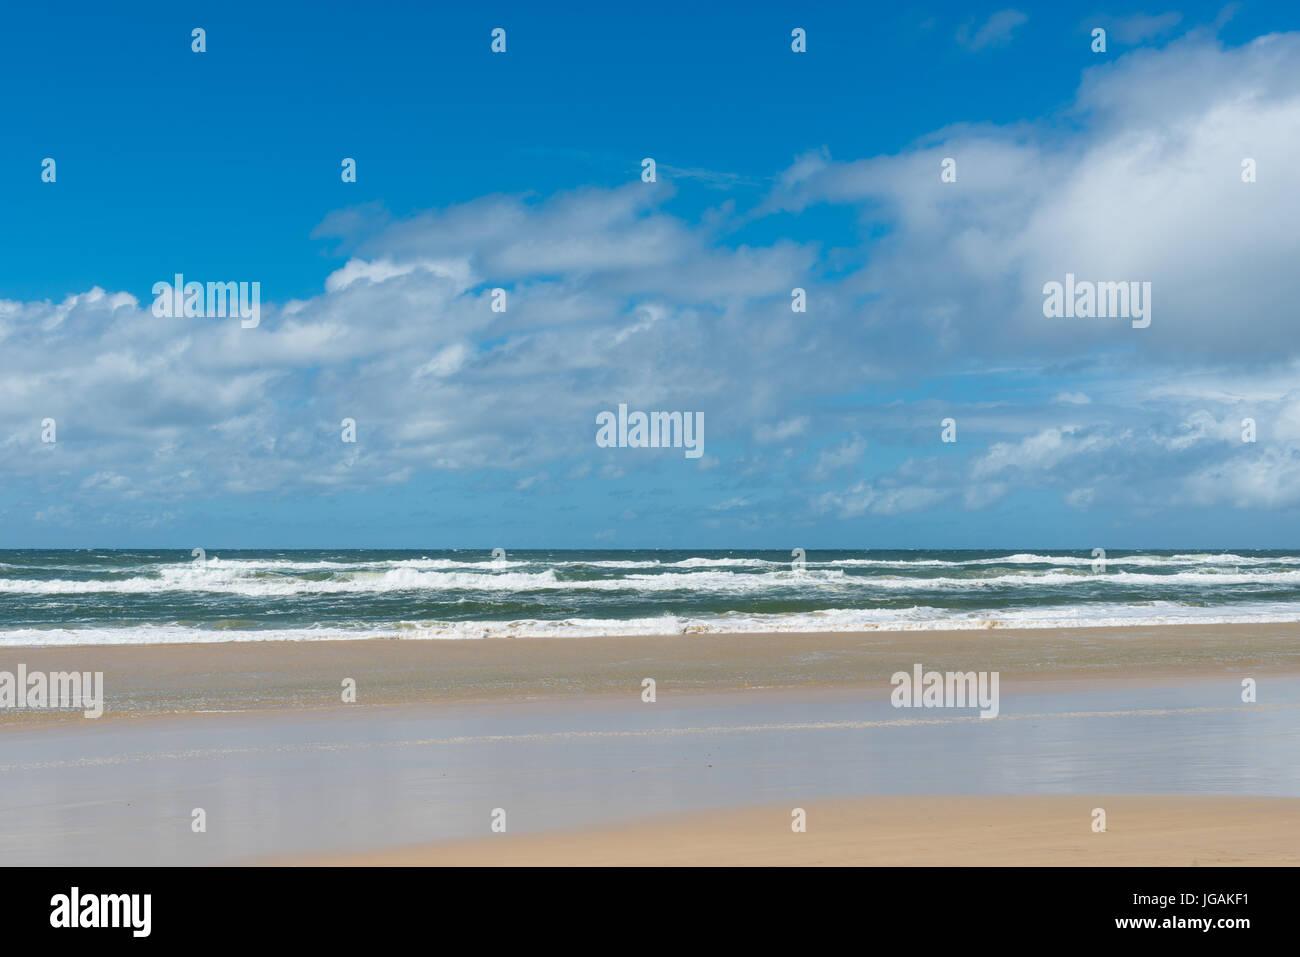 Playas de arena parte del Parque Nacional Great Sandy, Queensland, Australia. Imagen De Stock